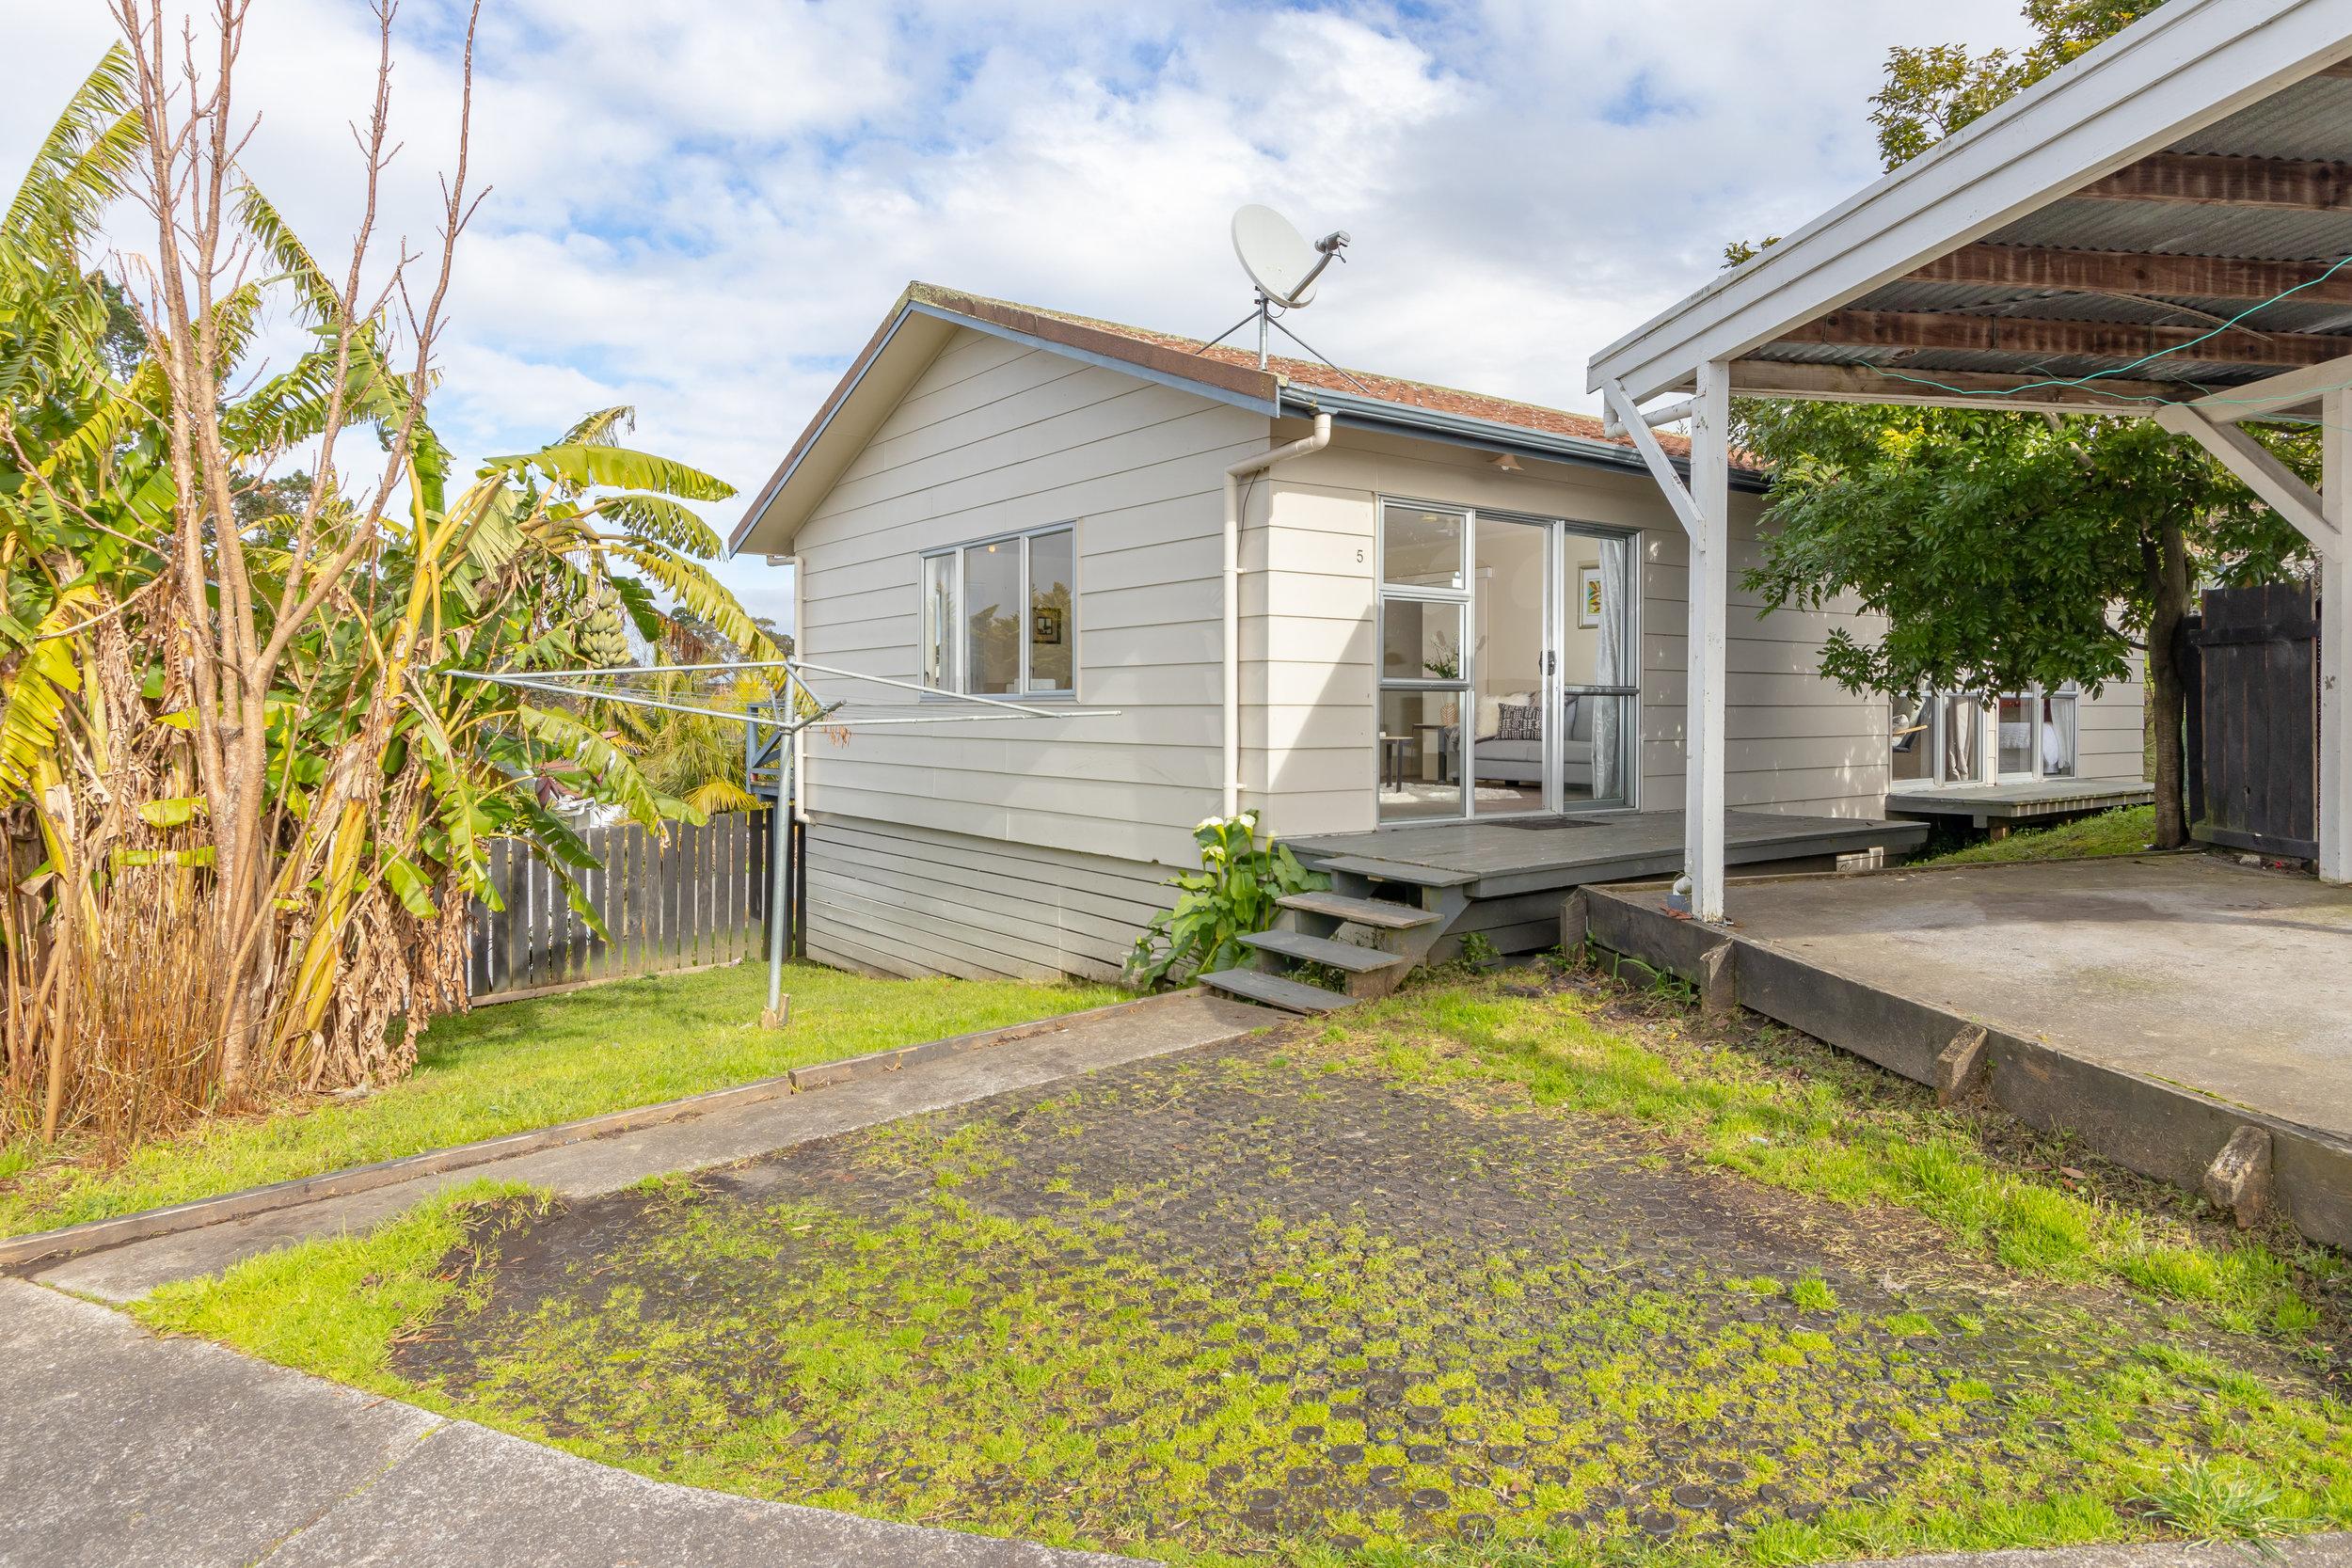 Massey$579,000 - 3 Bedrooms1 Bathrooms1 Carport